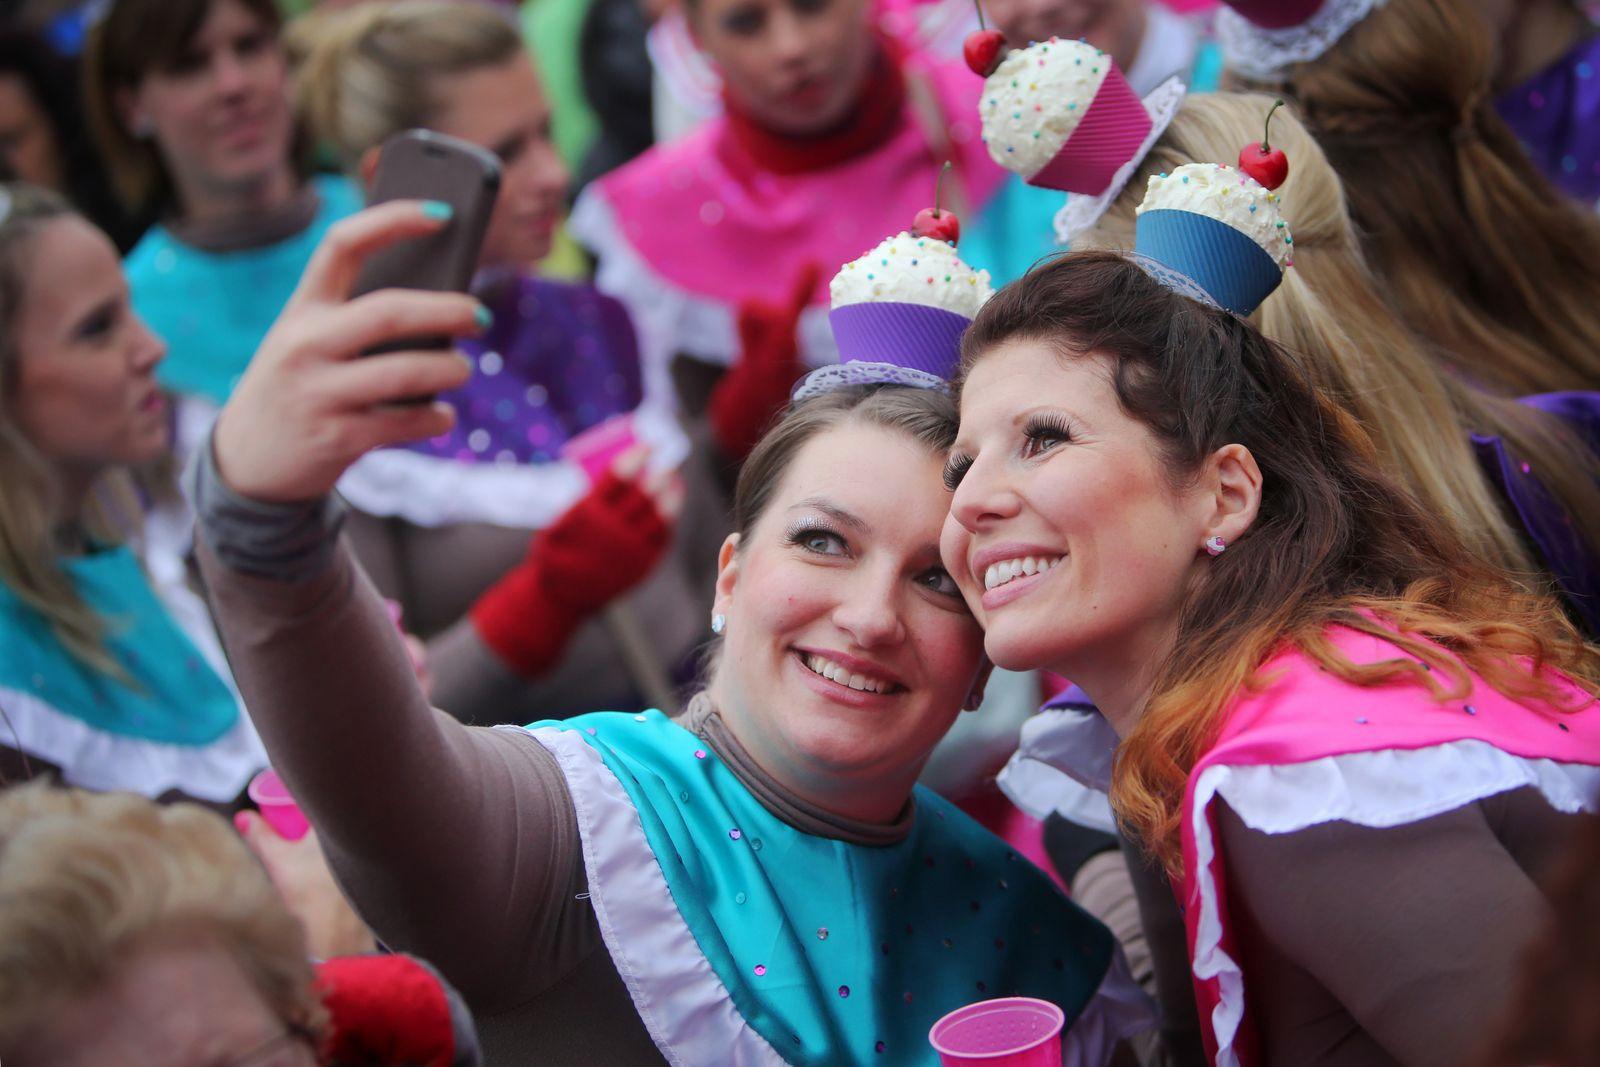 Weiberfastnacht in Mainz/ Karneval/ Selfie/ Smartphone